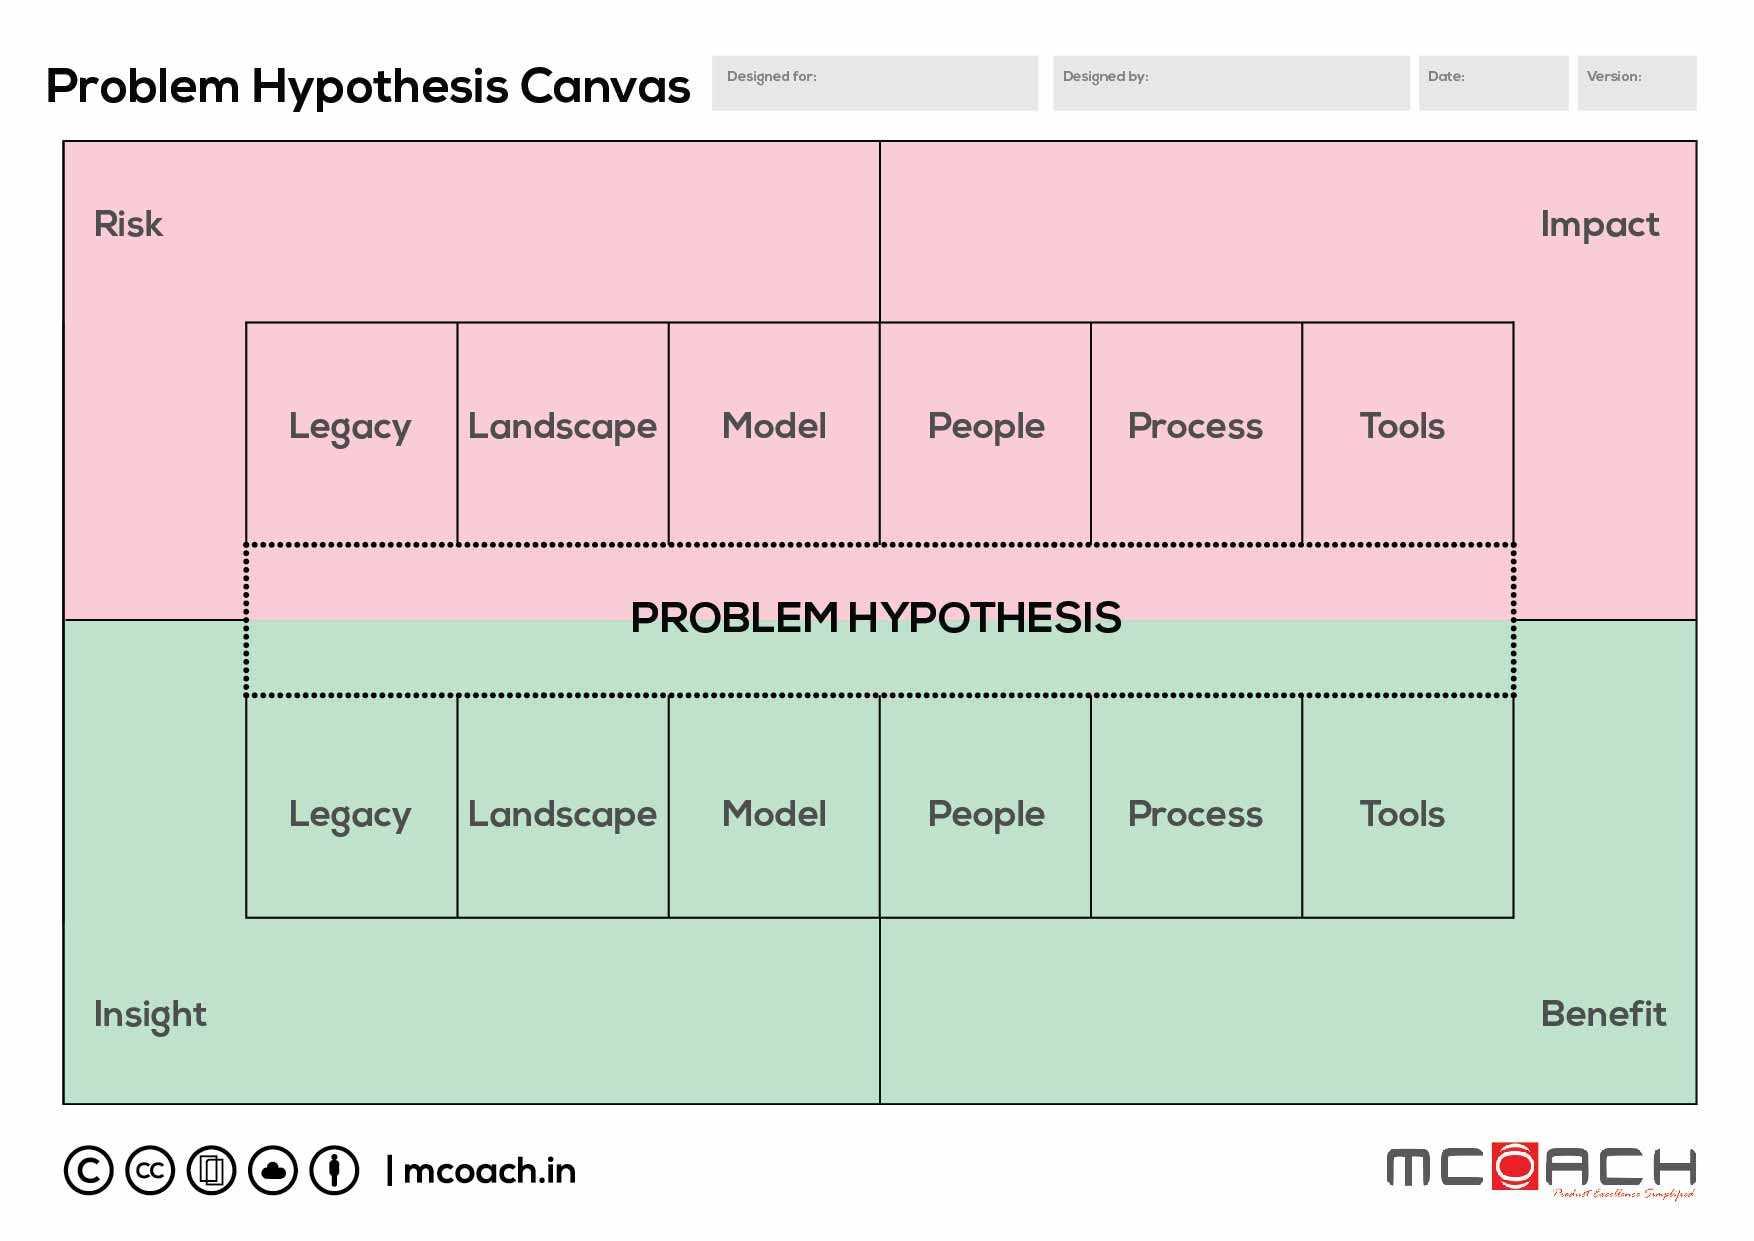 Problem Hypothesis Canvas